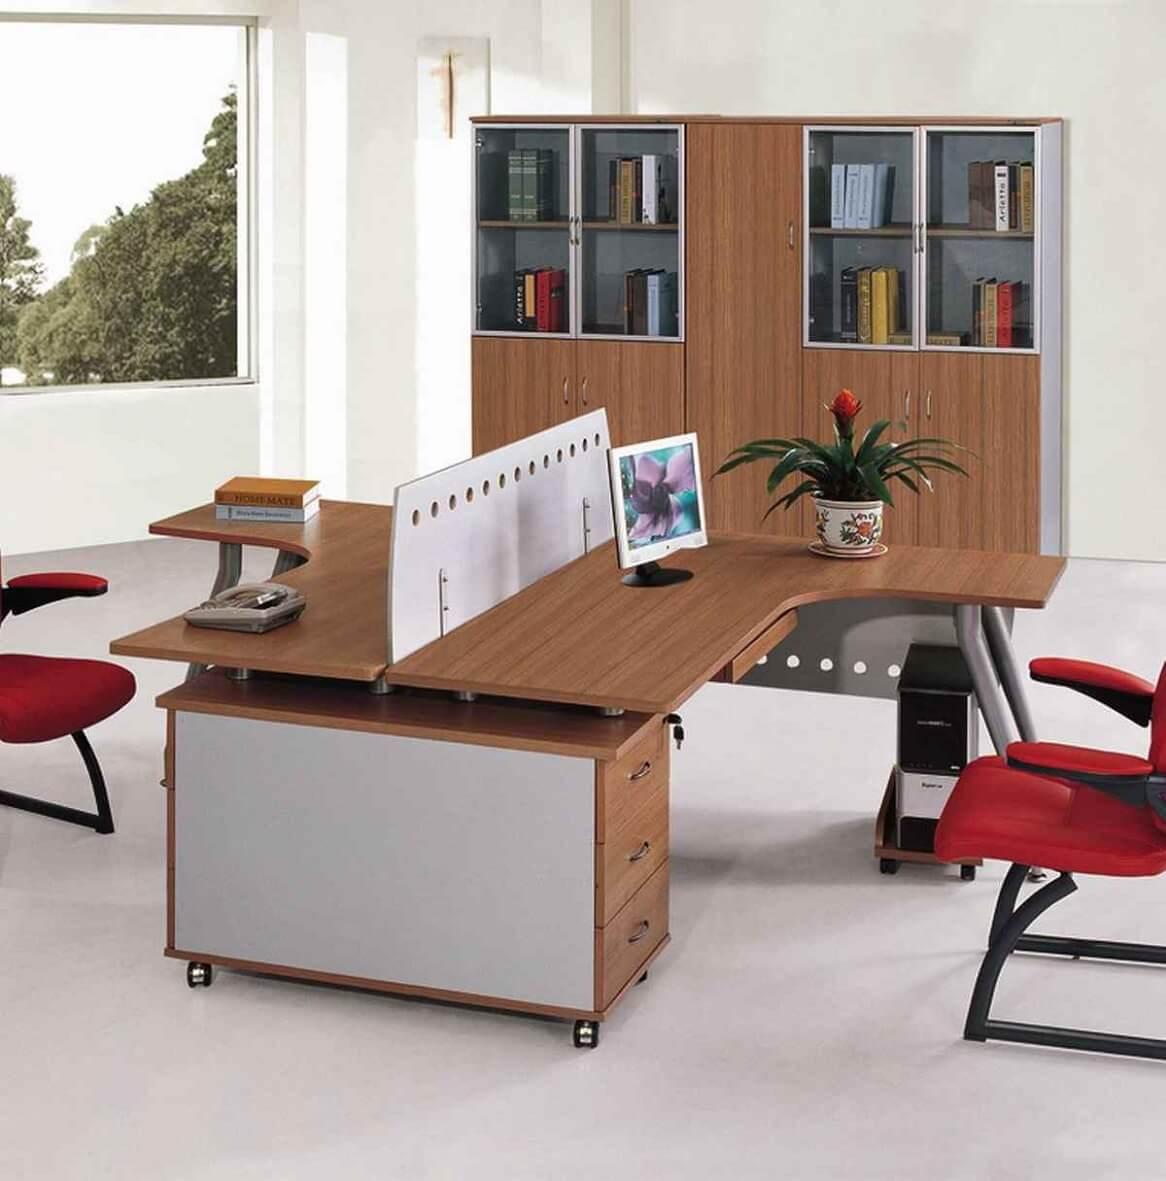 Chọn bàn dựa theo diện tích văn phòng